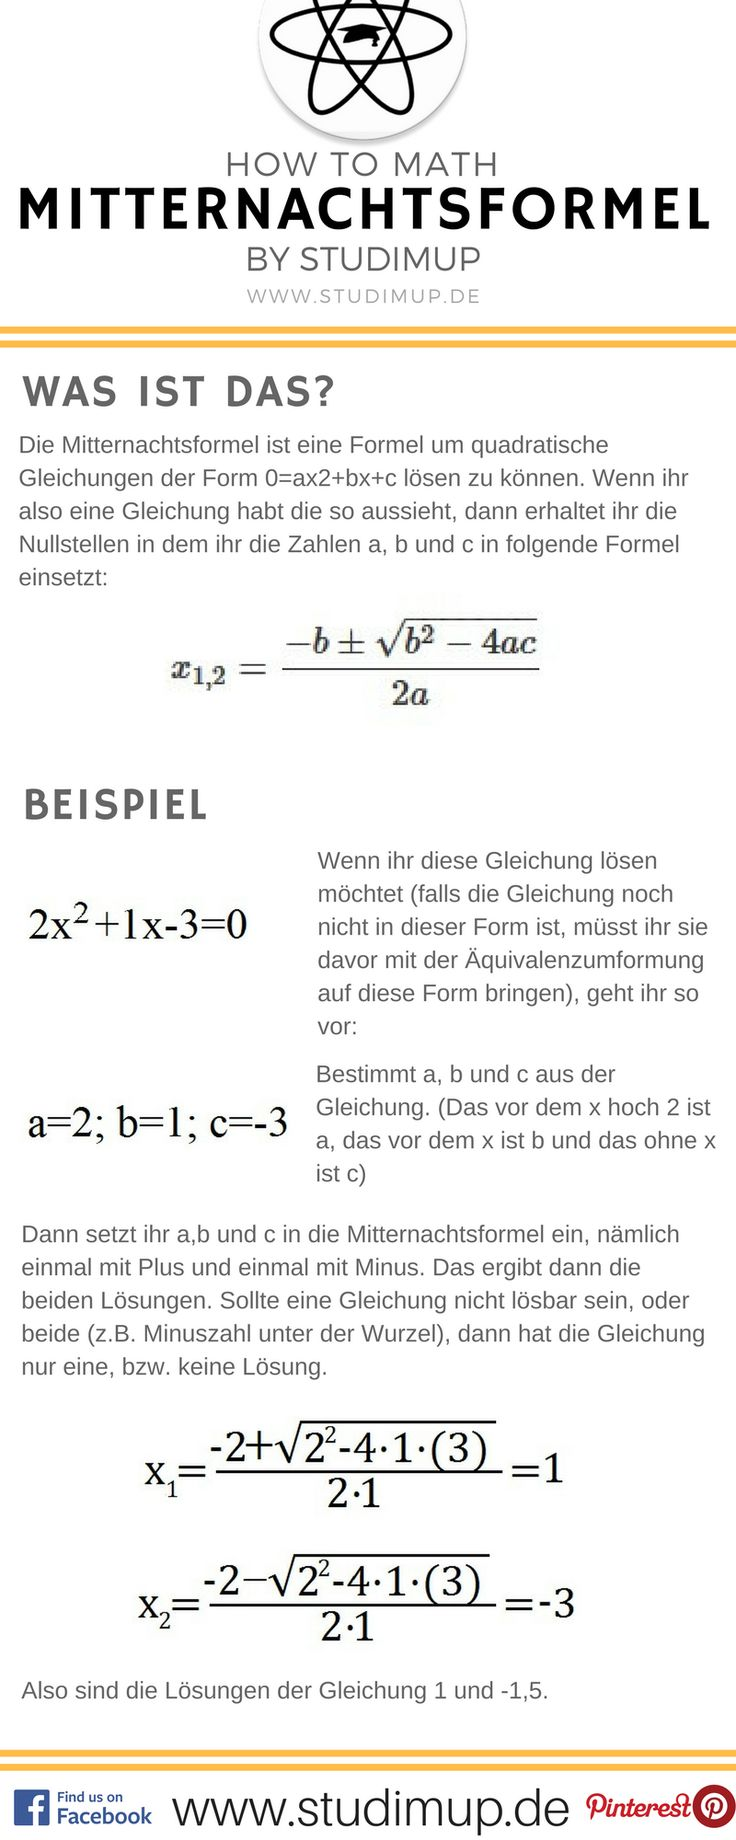 Mitternachtsfomrel einfach im Spickzettel erklärt. Einfach Mathe lernen für die Schule auf Studimup.